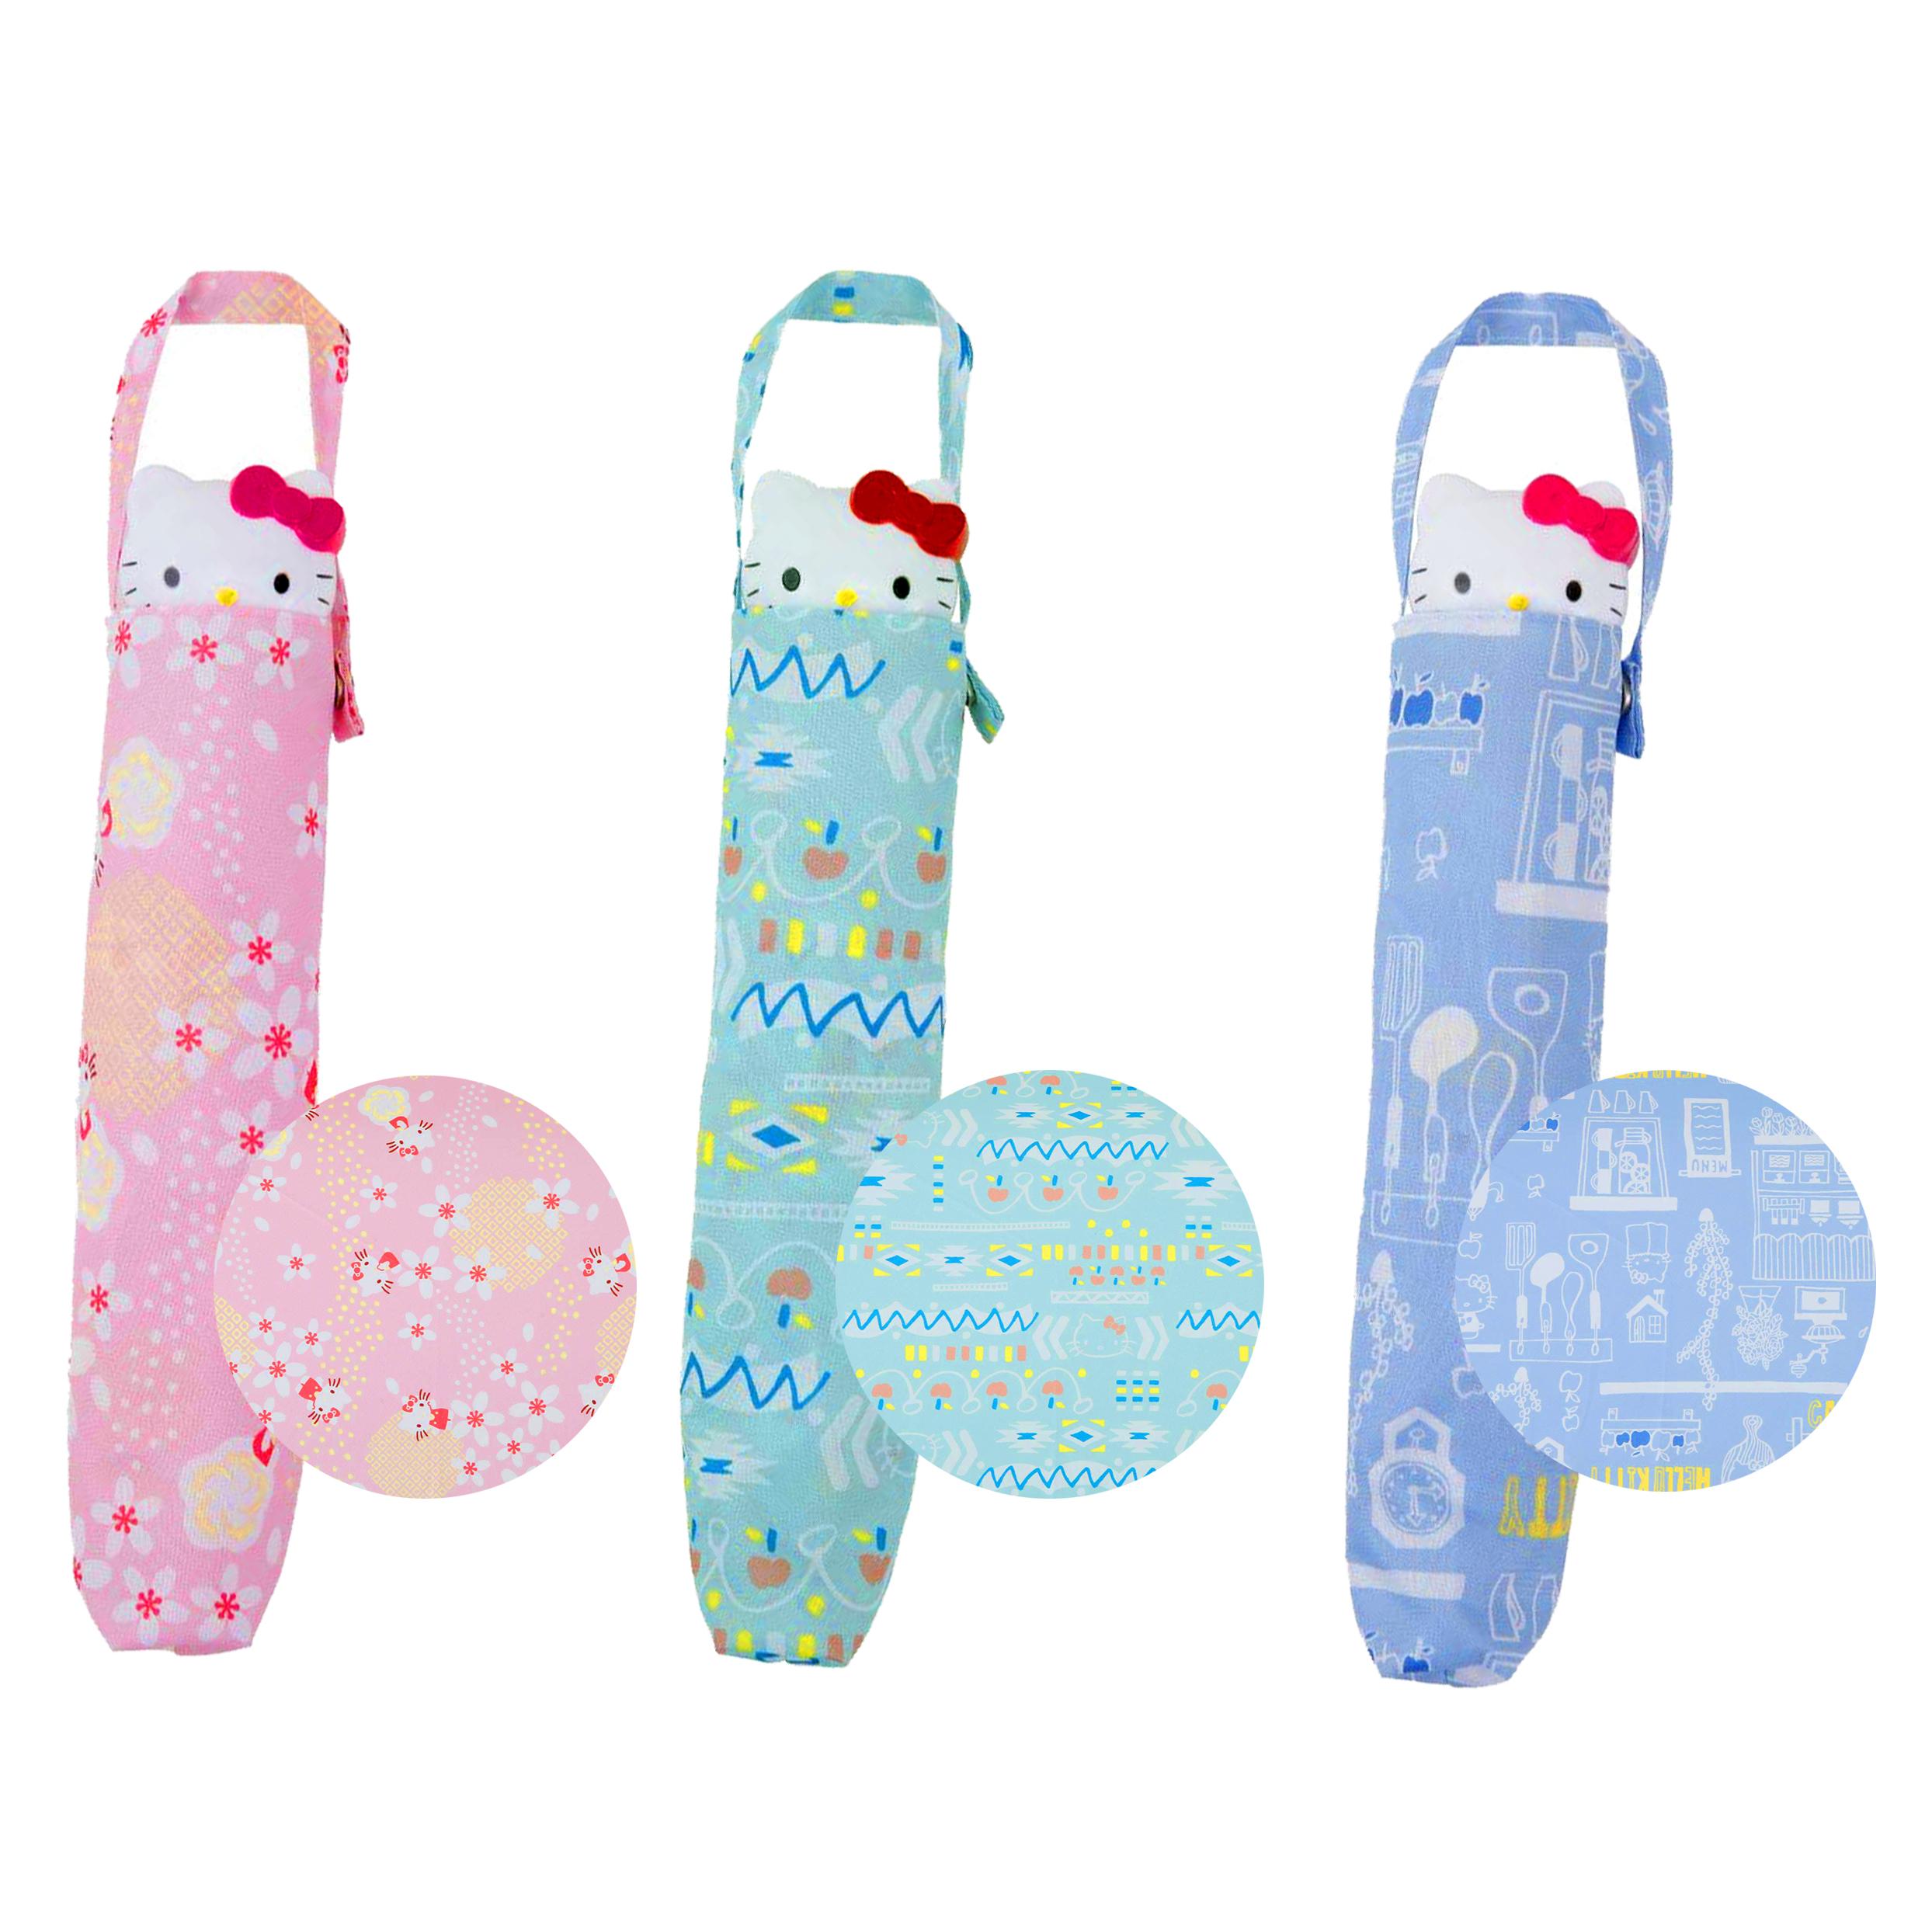 造型摺疊傘 三麗鷗 Hello Kitty 3款 手開式 抗UV 晴雨兩用 雨傘 日本進口正版授權